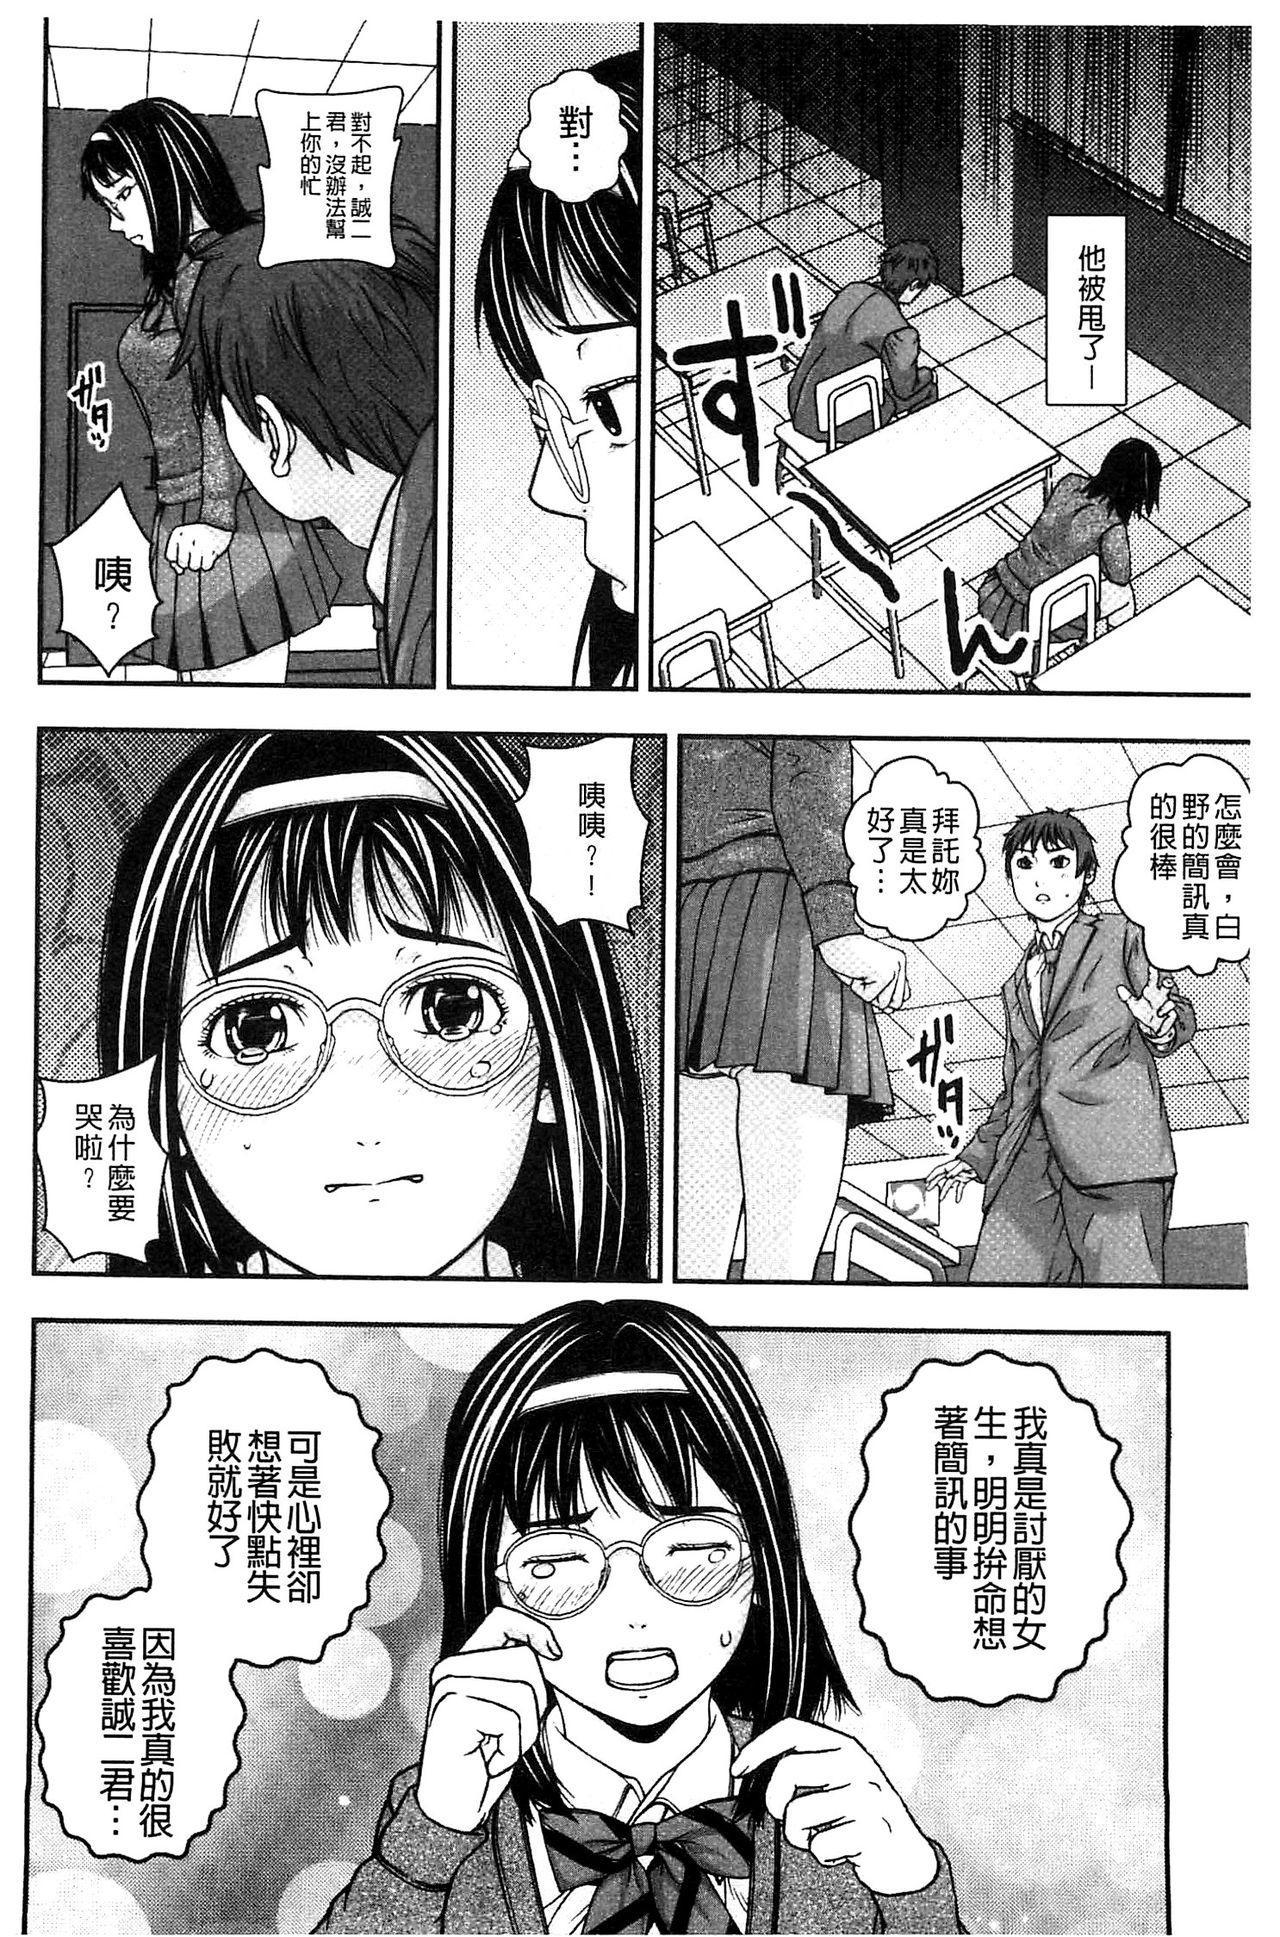 Koijirushi Love Milk | 戀印愛慾鮮乳 63